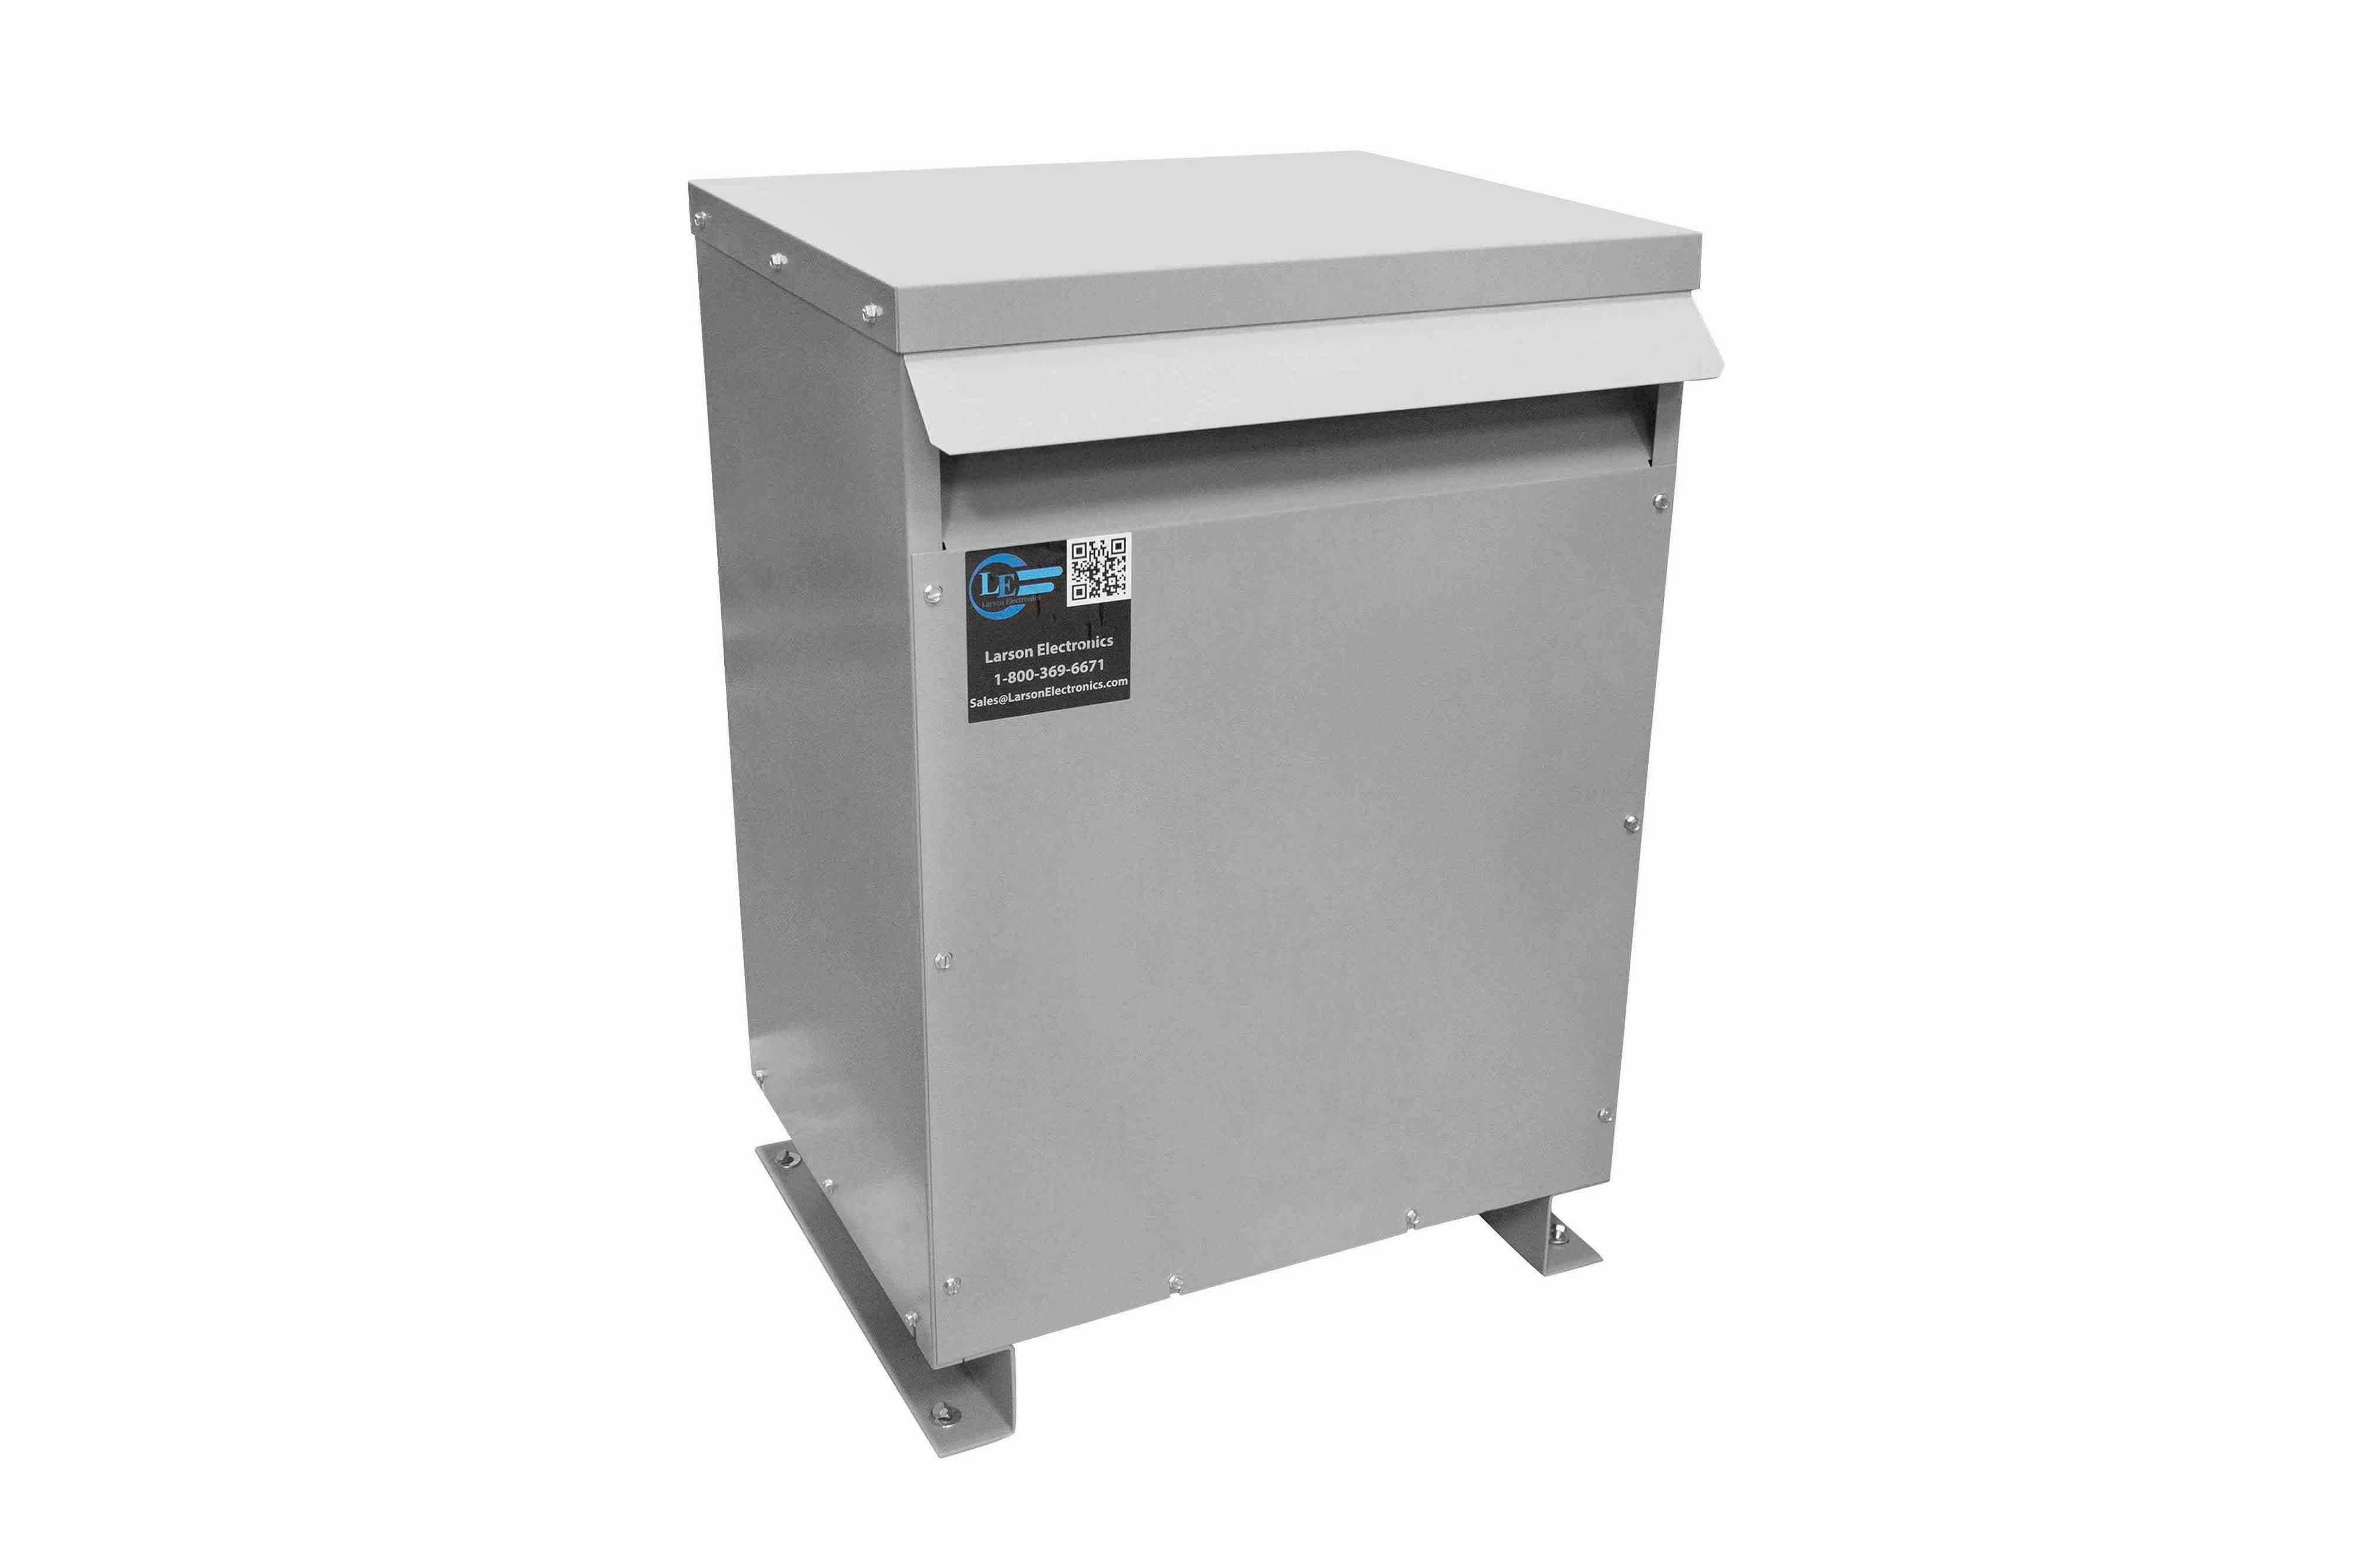 900 kVA 3PH Isolation Transformer, 575V Delta Primary, 415V Delta Secondary, N3R, Ventilated, 60 Hz